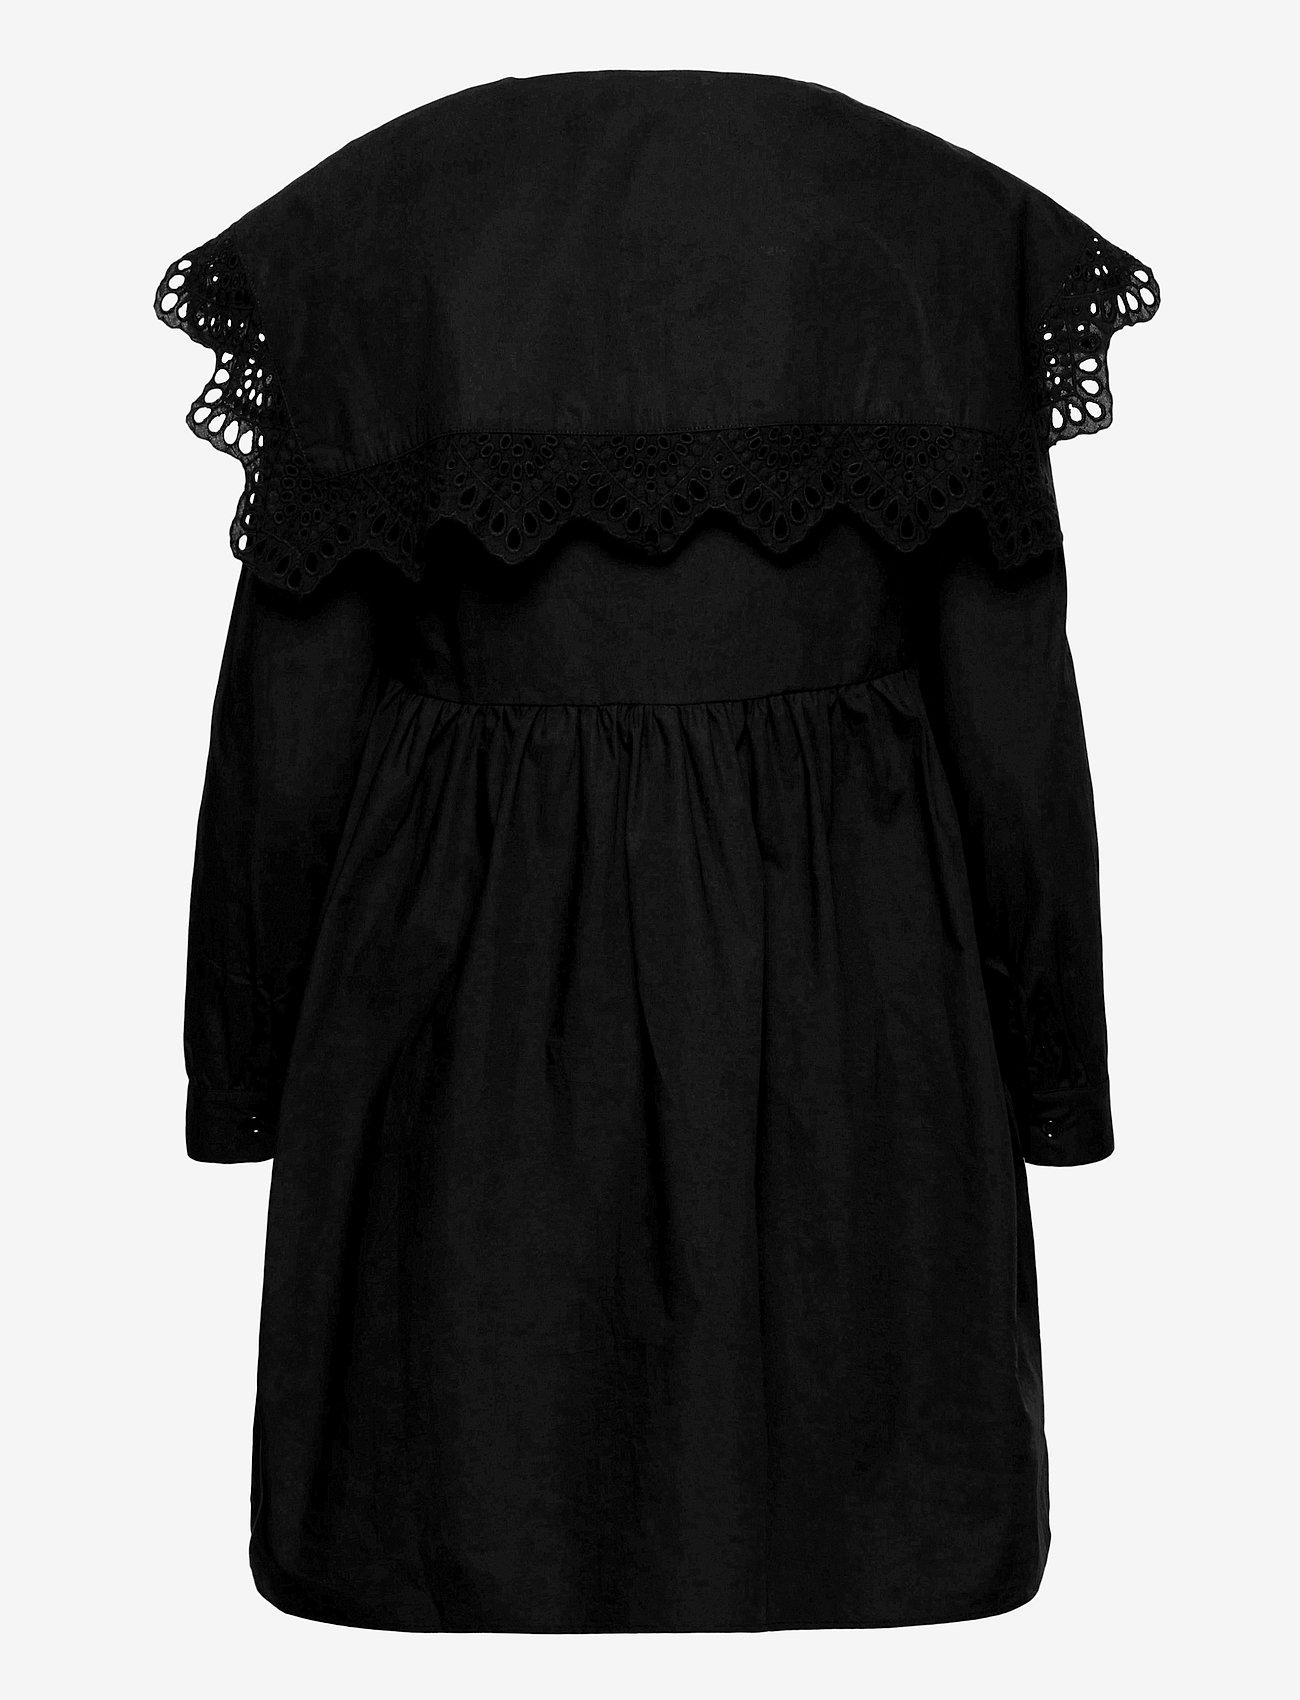 Luicras Dress   - Cras -  Women's Dresses Offer